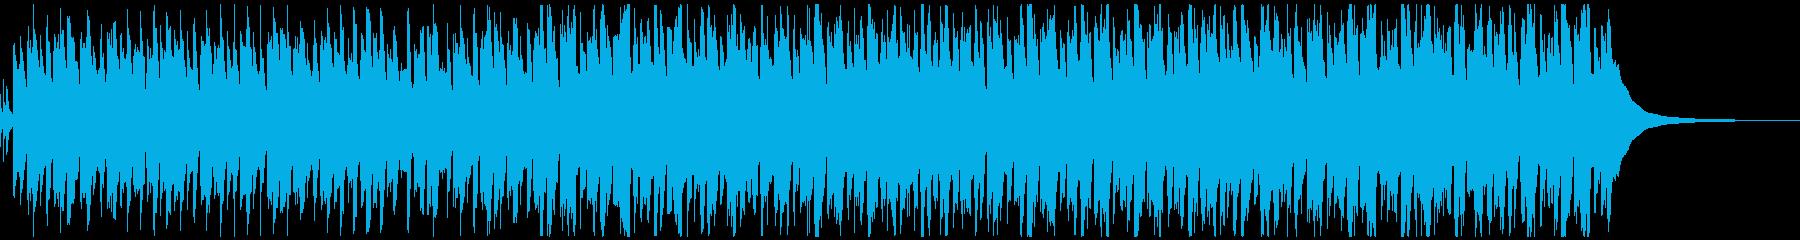 楽しげなアコースティックPopです。の再生済みの波形